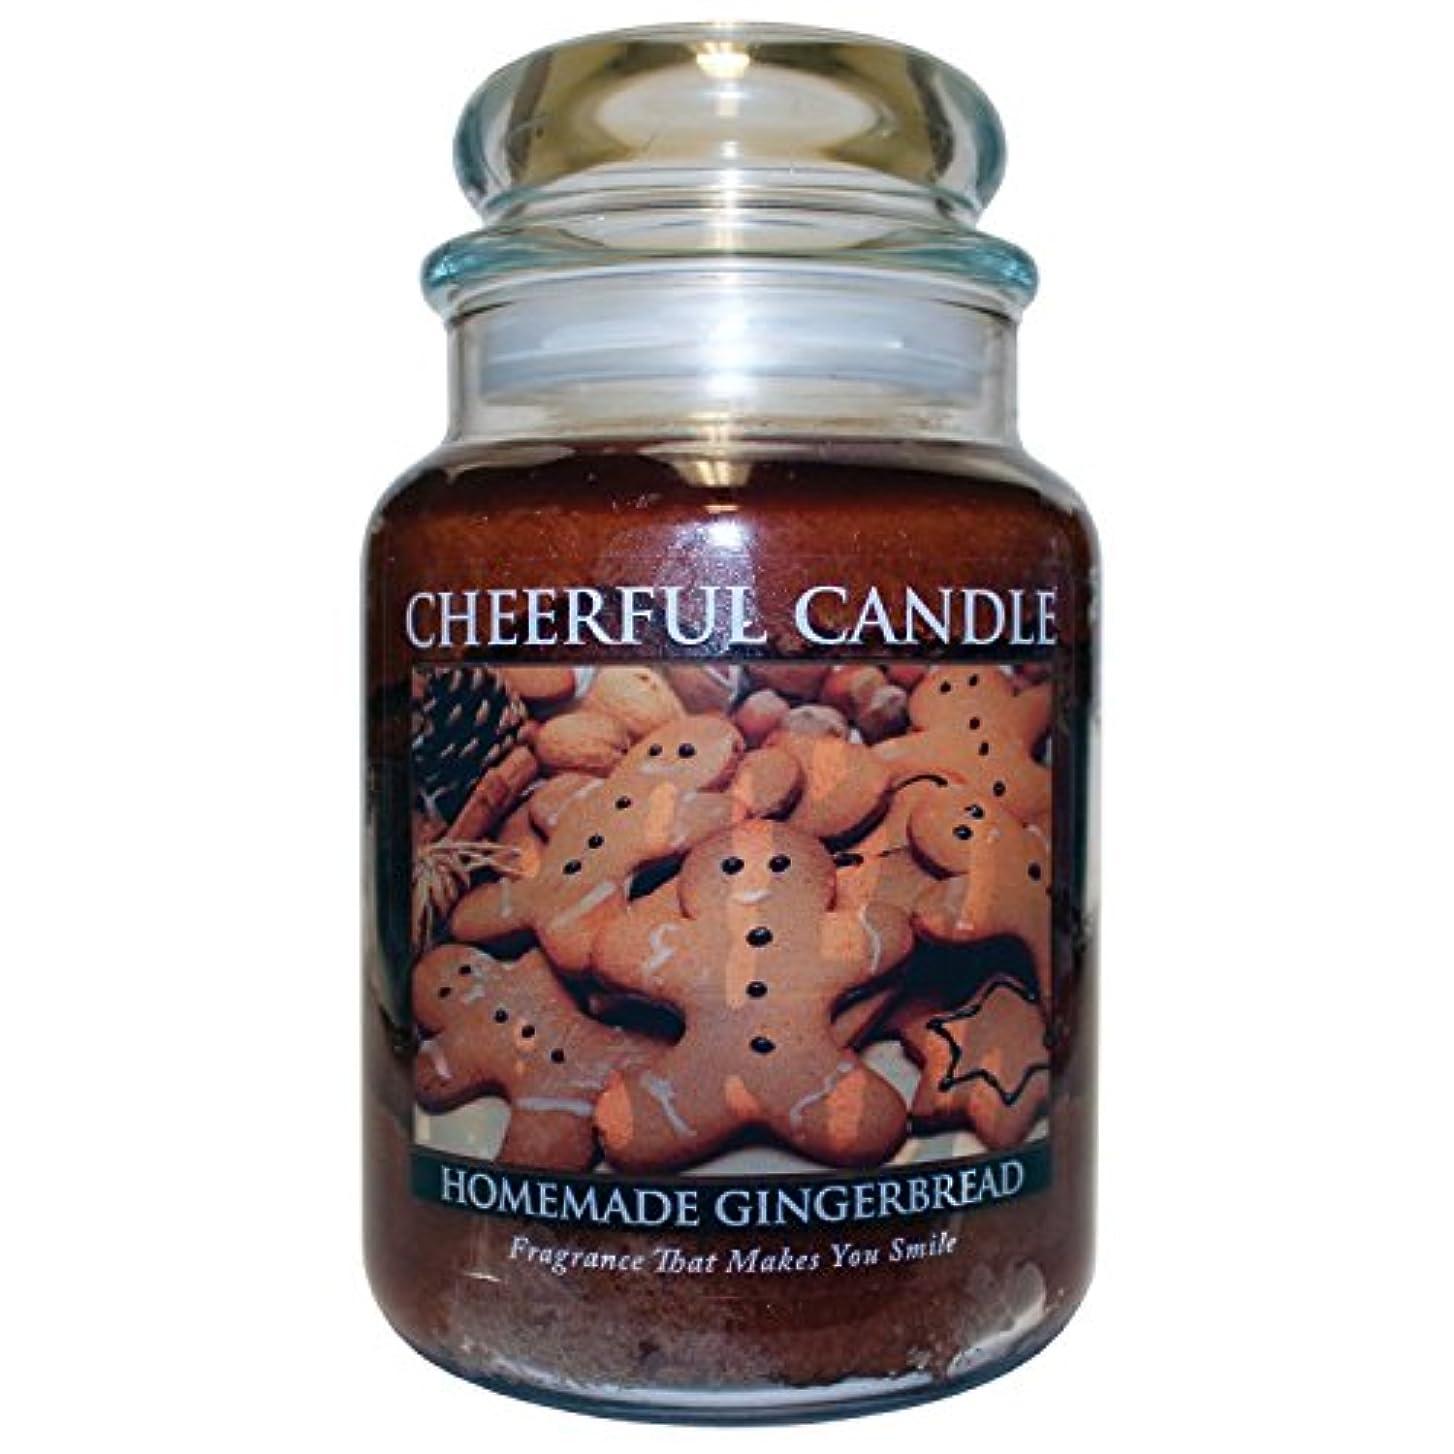 スリーブ抱擁天才A Cheerful Giver Homemade Gingerbread Jar Candle, 24-Ounce [並行輸入品]